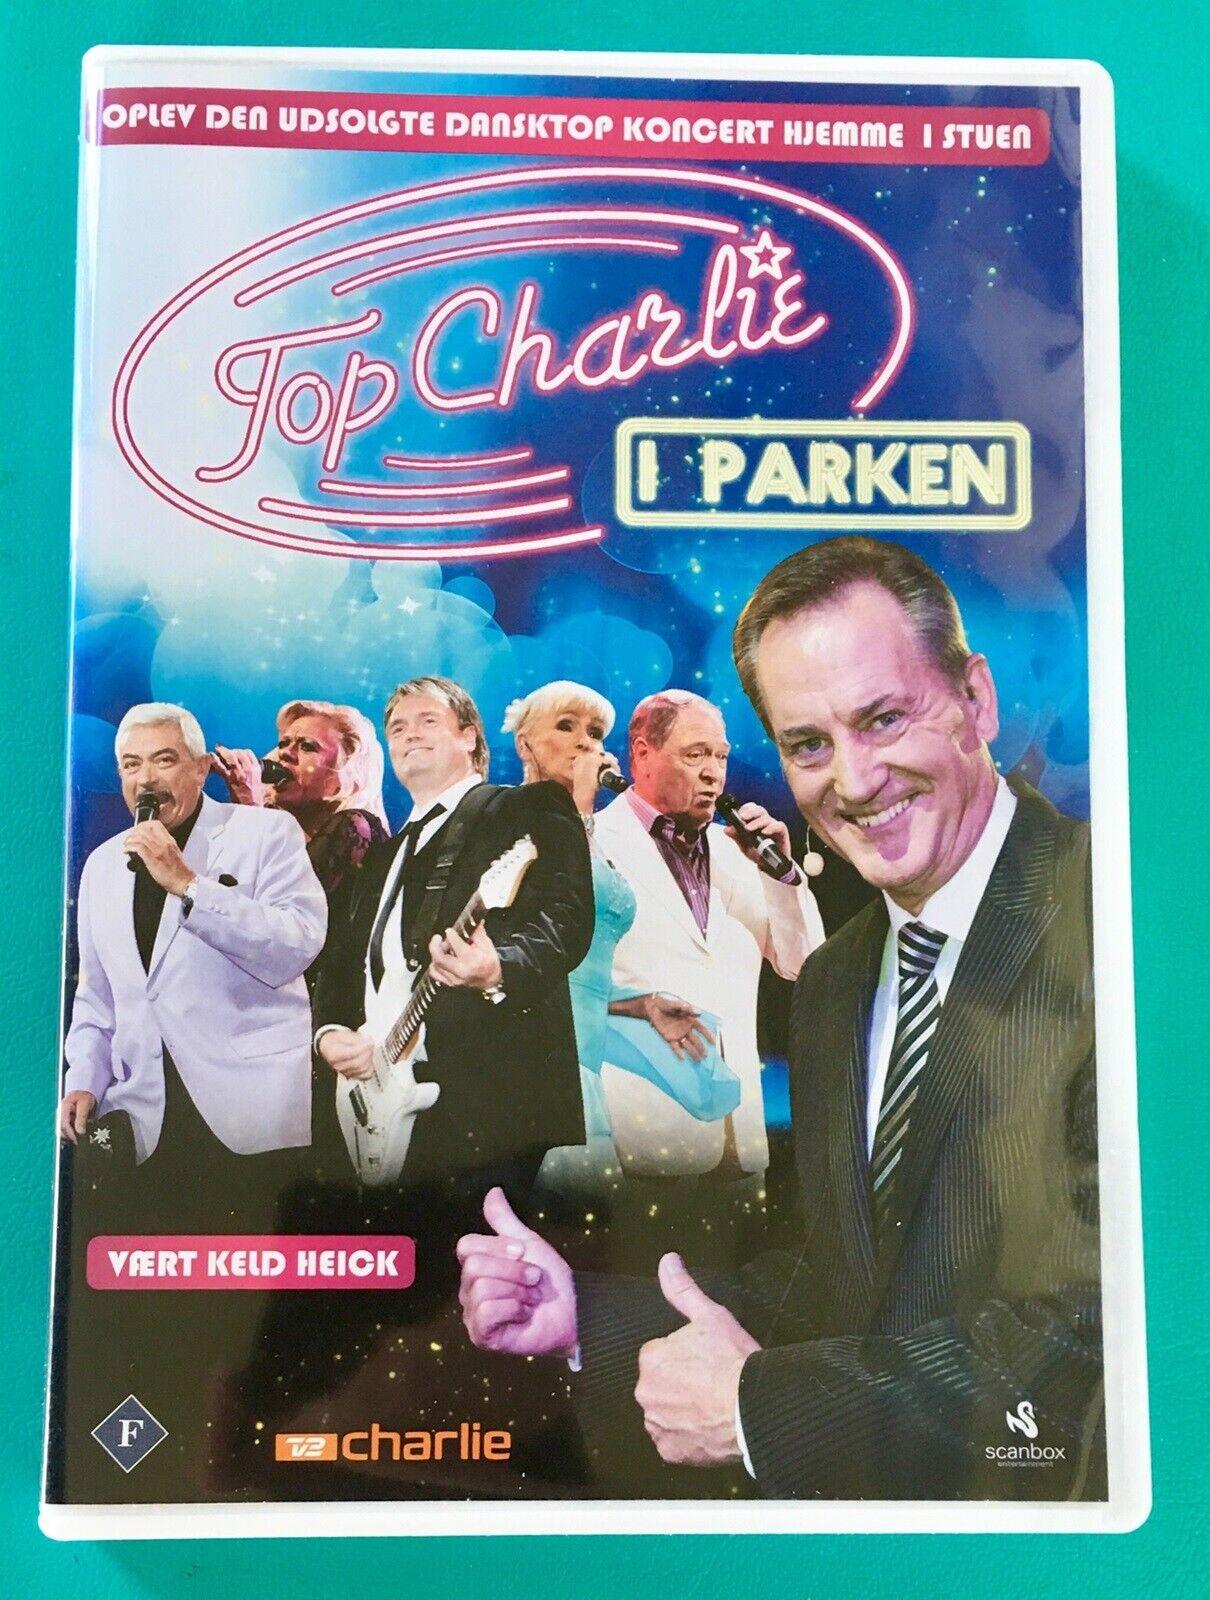 Top Charlie i Parken (2011), DVD,